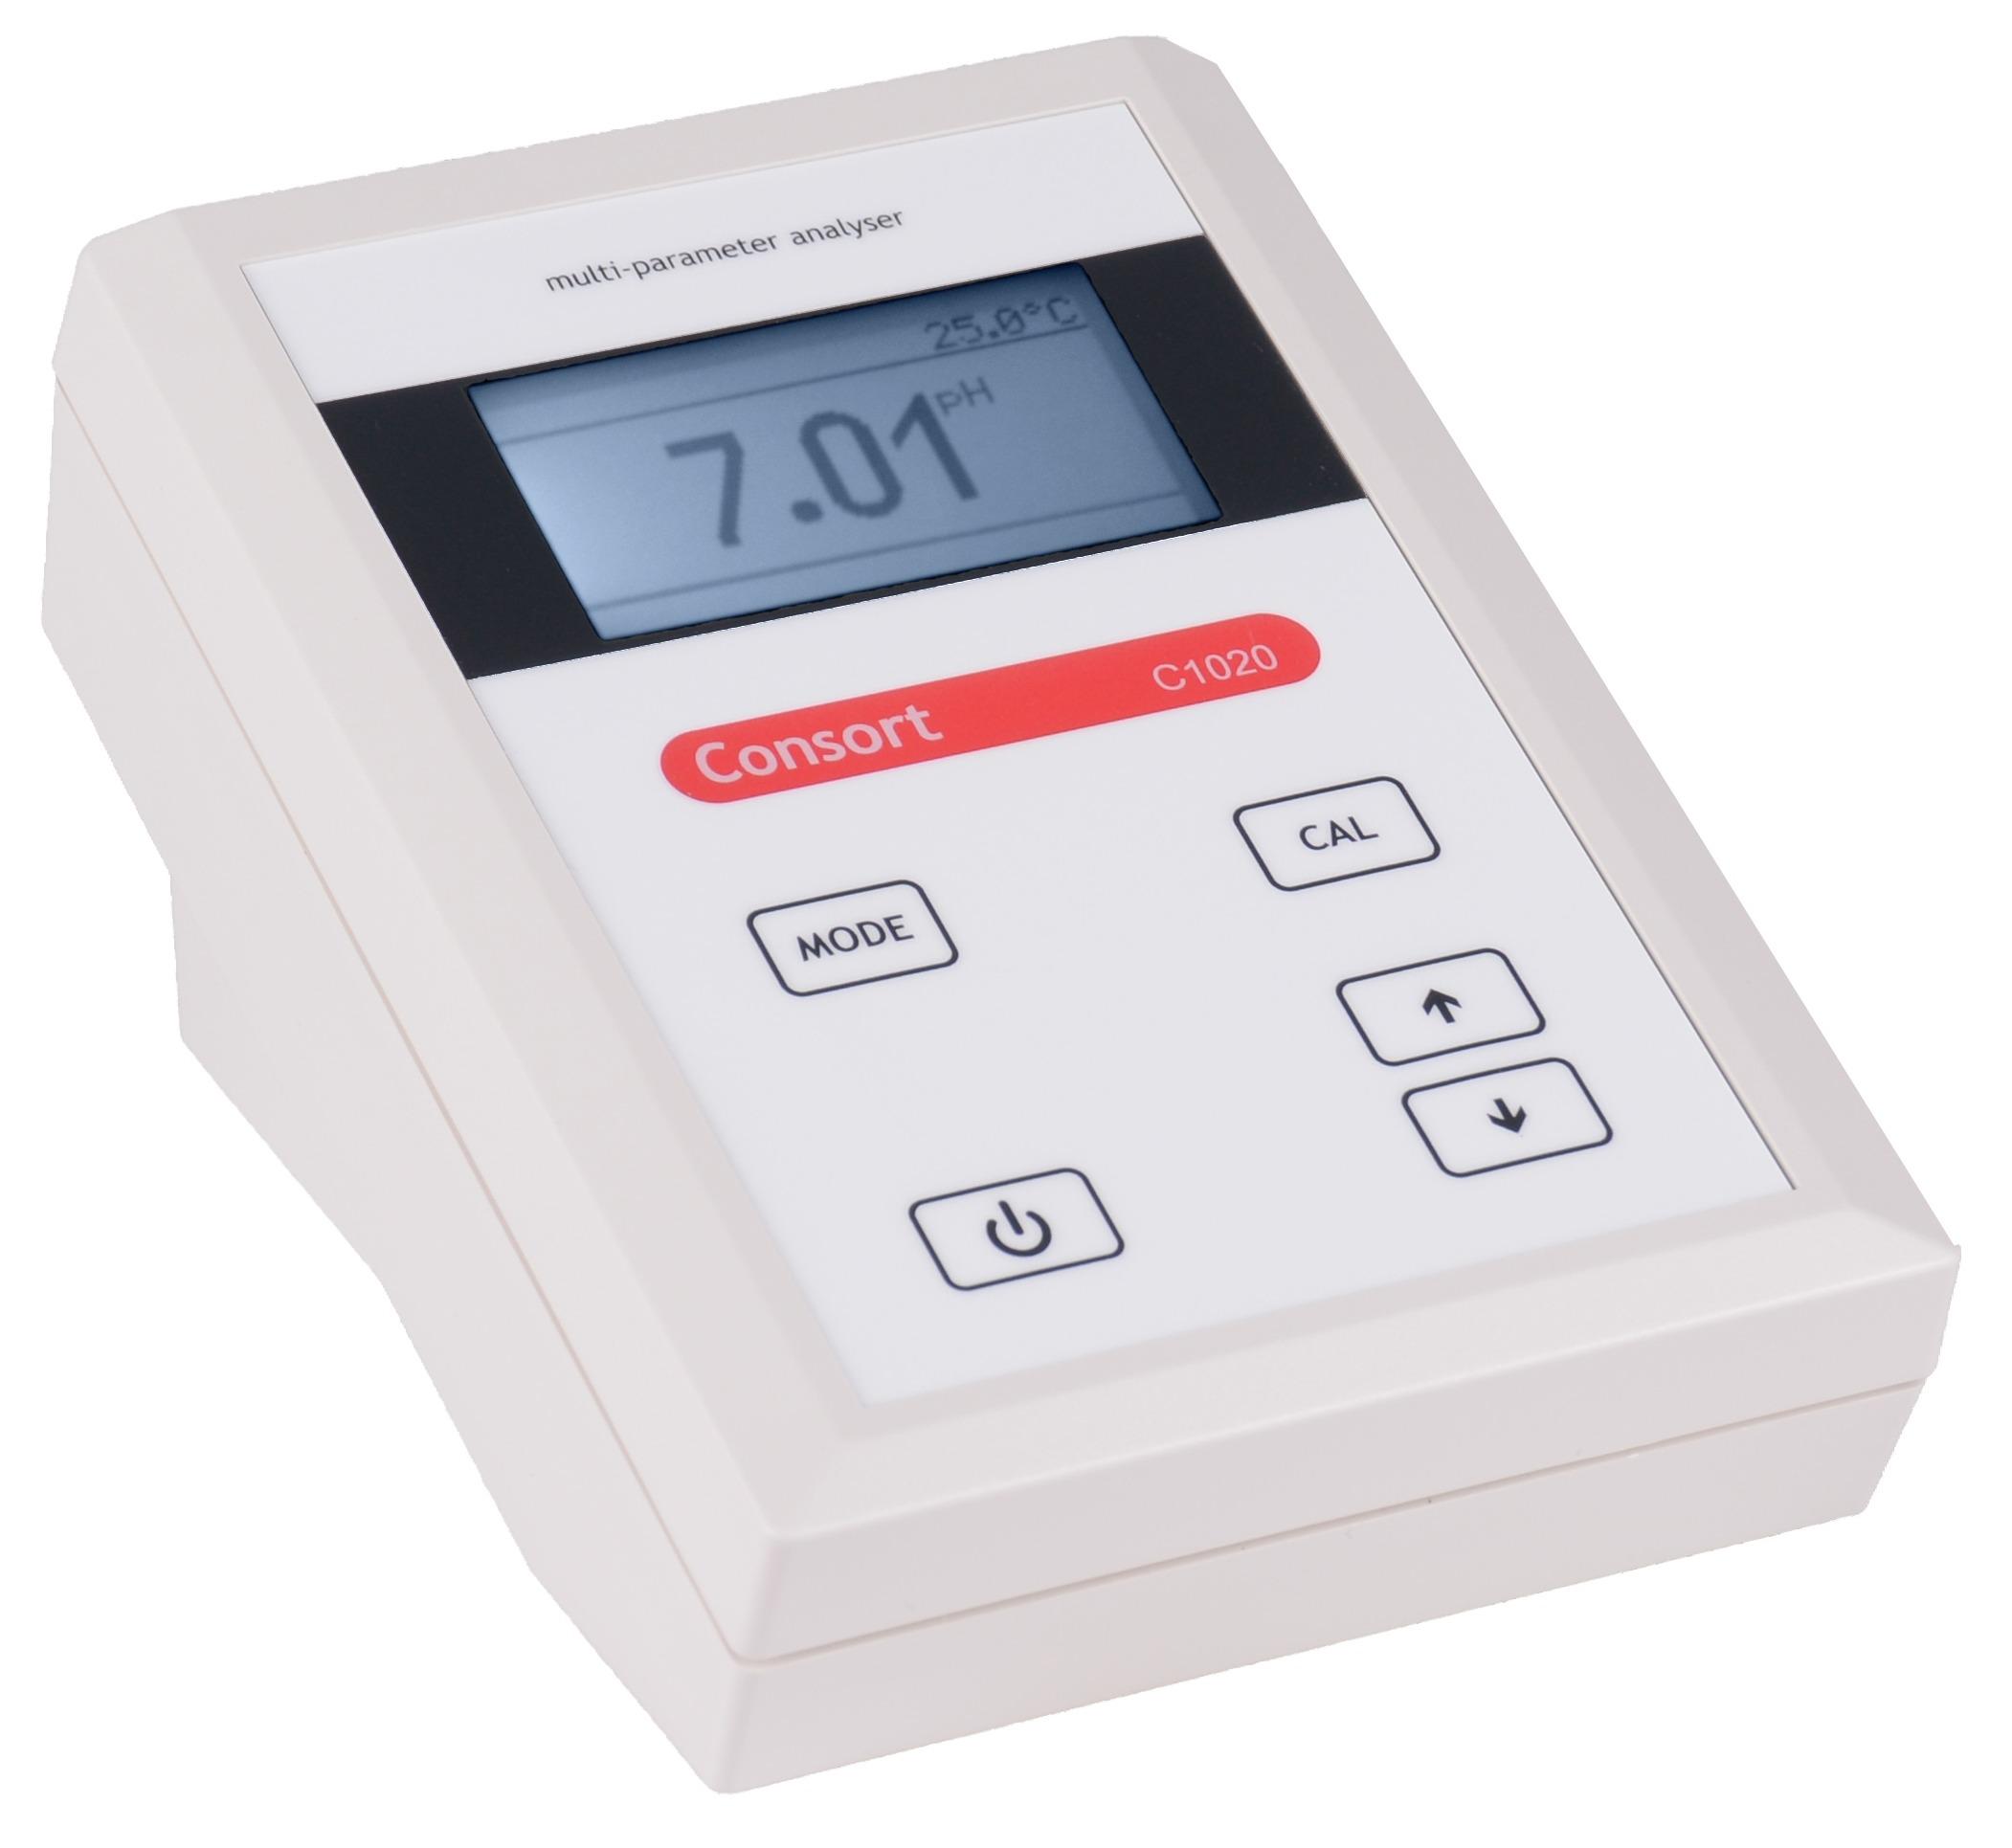 مولتی پارامتر انالایزر رومیزی مدل C1010 کمپانی CONSORT بلژیک